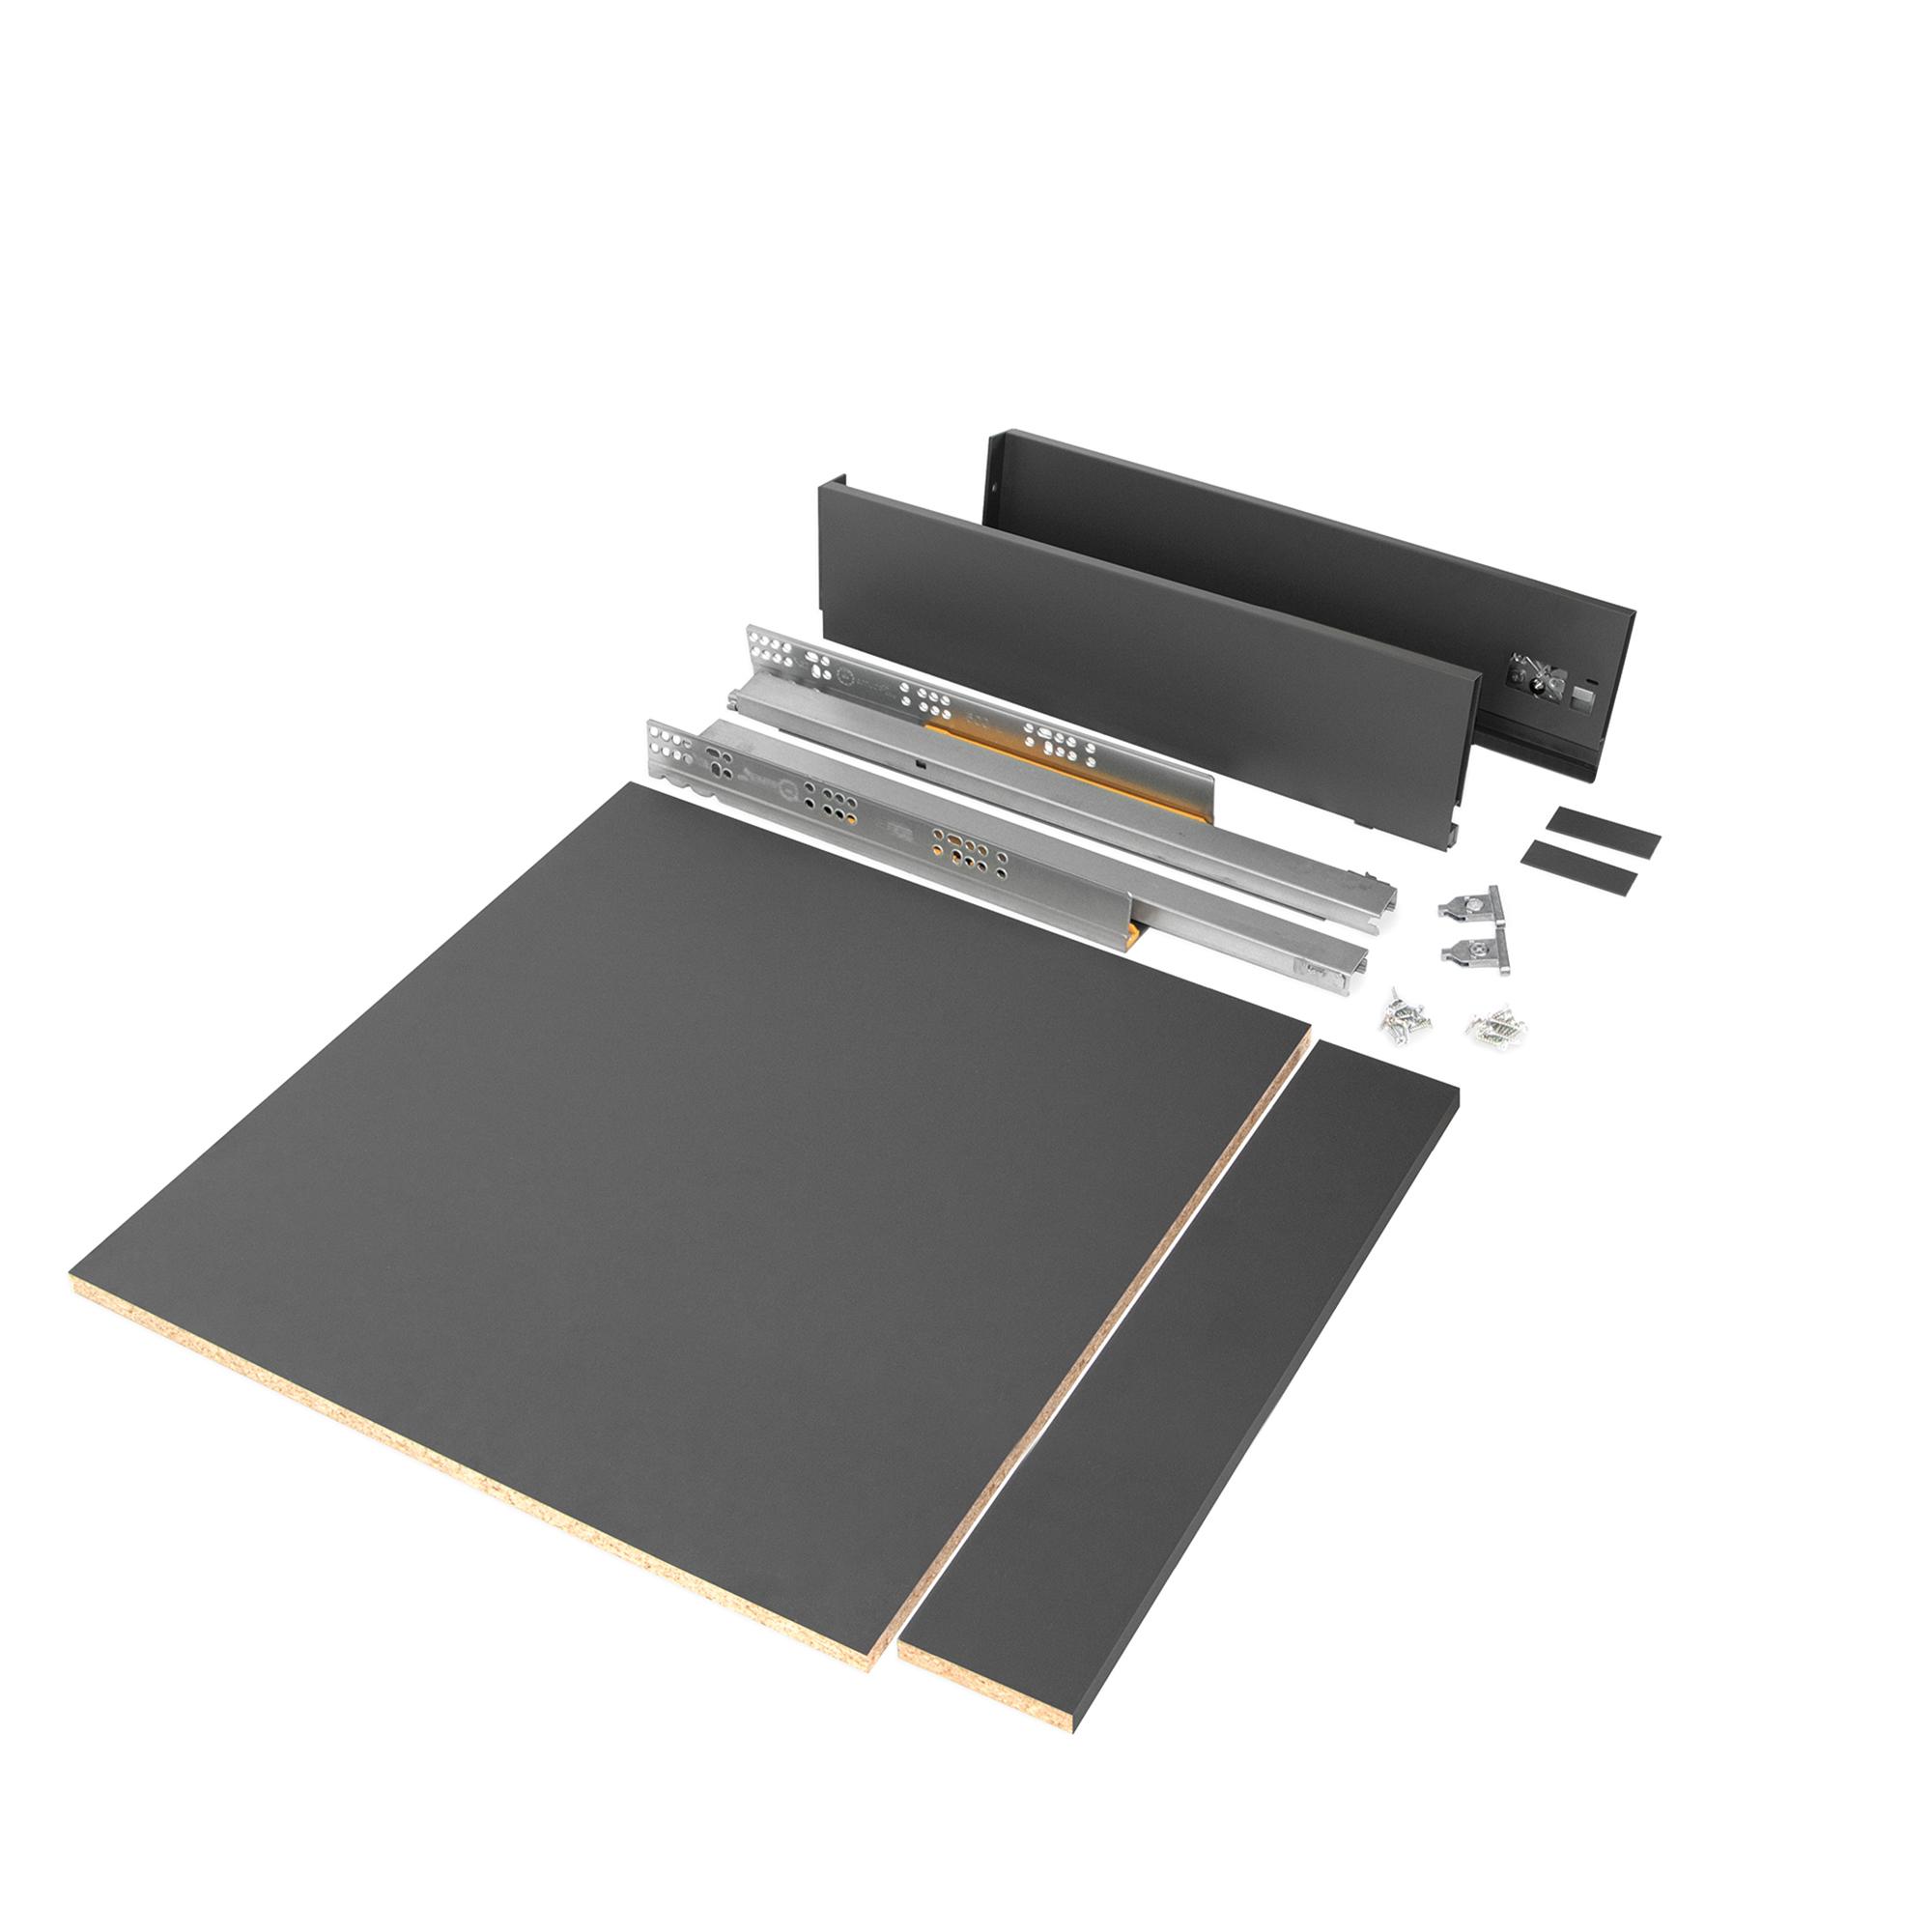 Emuca Kit cassetto per cucina o bagno con pannelli inclusi, chiusura soft, profondità 500 mm, altezza 93 mm, modulo 600 mm, Acci